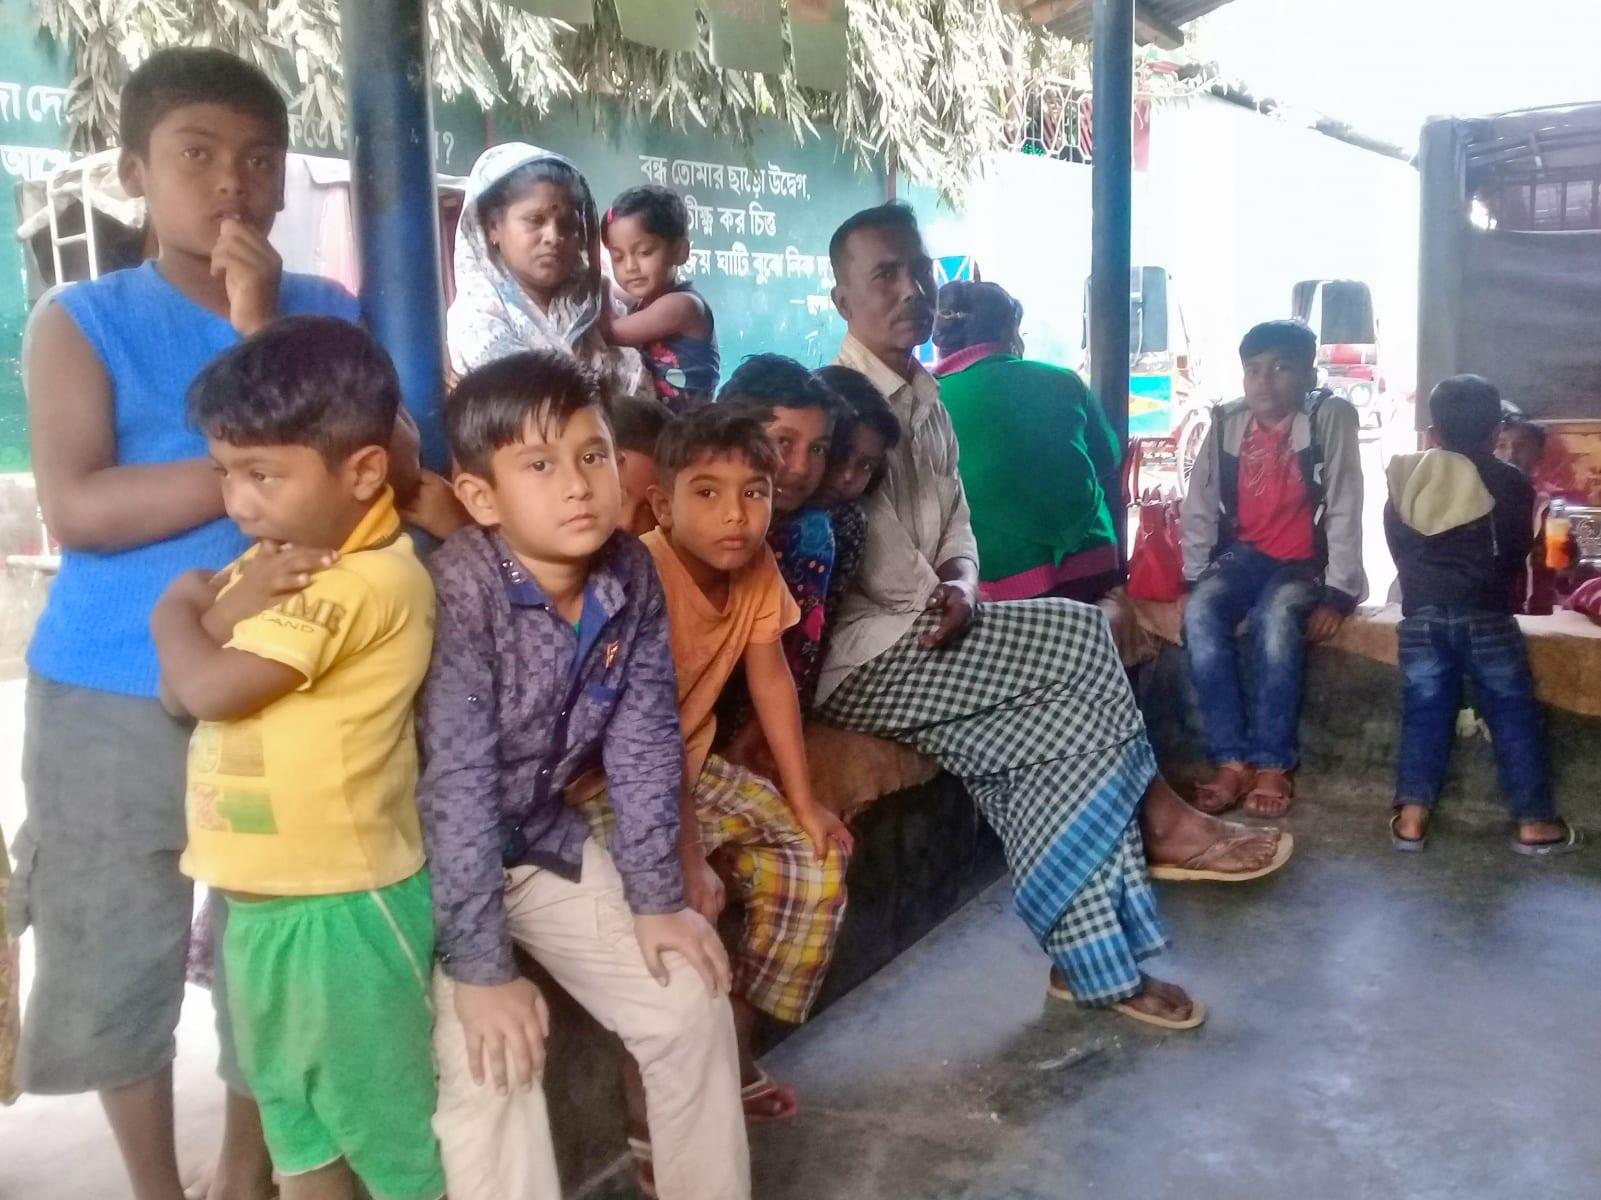 V Bangladéši není zírání považováno za něco špatného